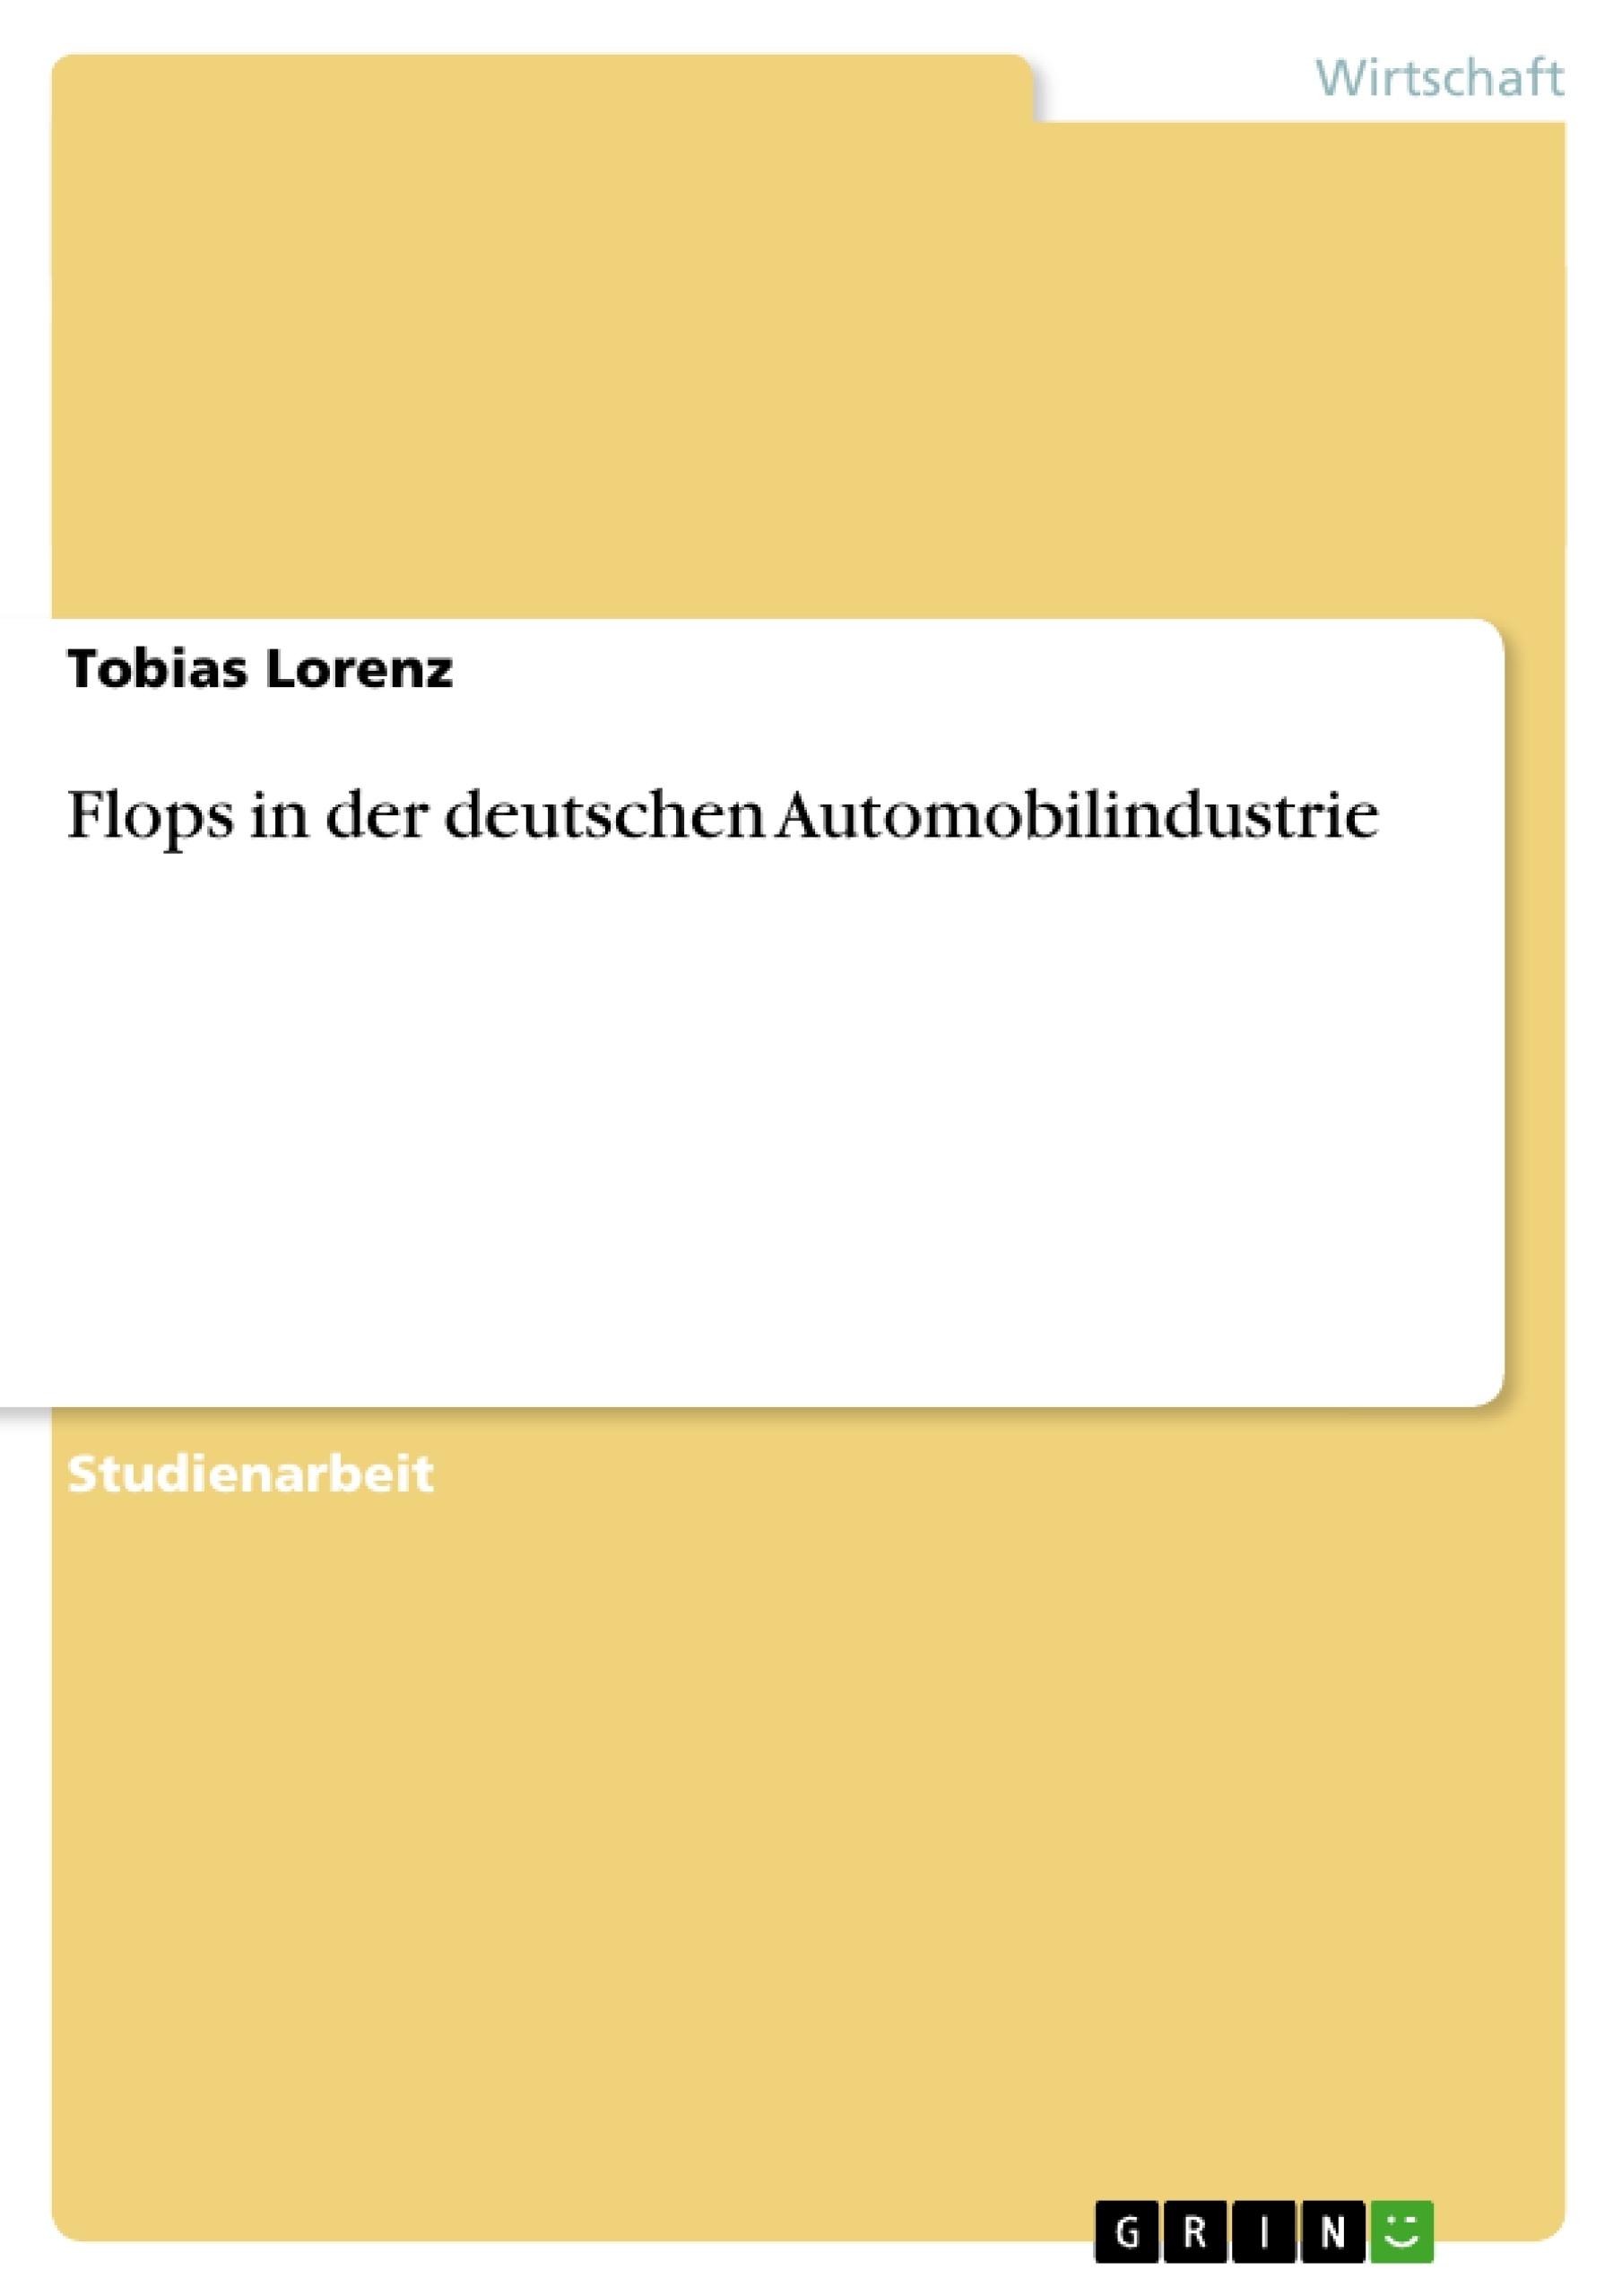 Titel: Flops in der deutschen Automobilindustrie